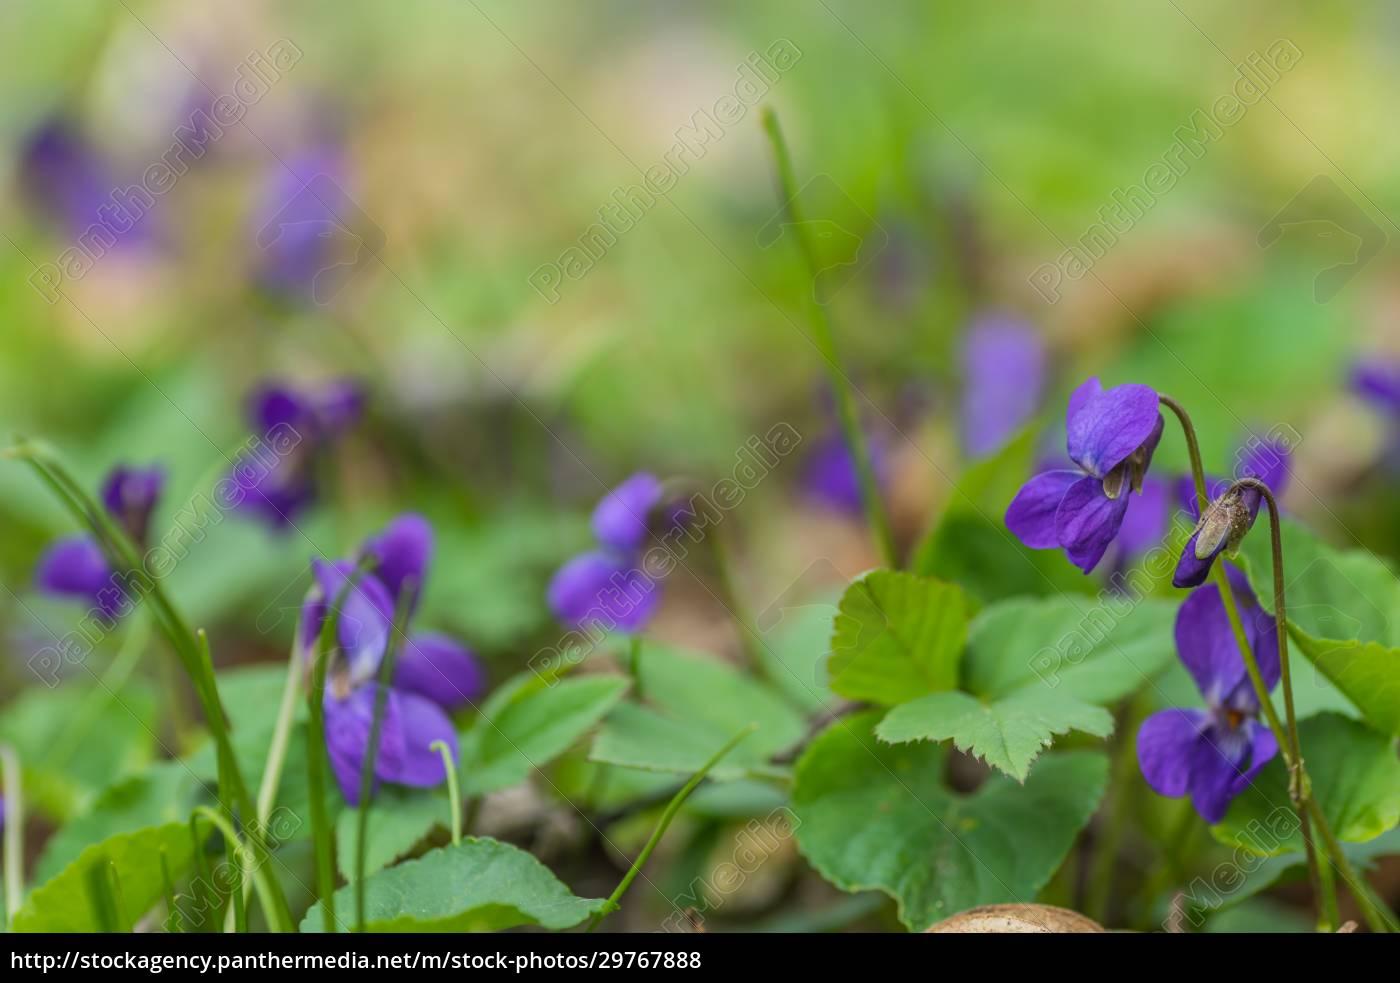 violoet, fresco, fragrante, in, piante, verde - 29767888